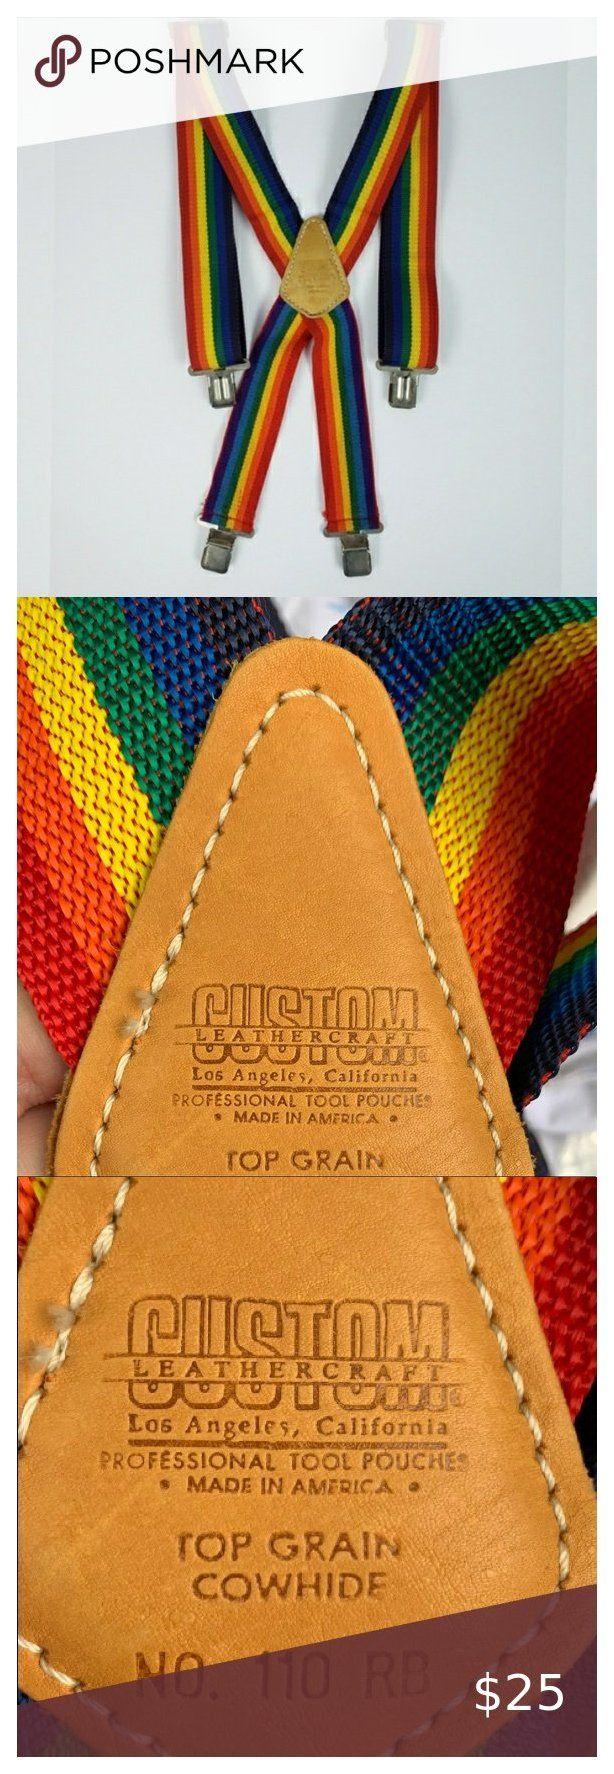 Custom LeatherCraft Suspenders Rainbow Suspenders Custom Leather Craft Suspenders Cowhide Top Grain Rainb #halloweencrafts